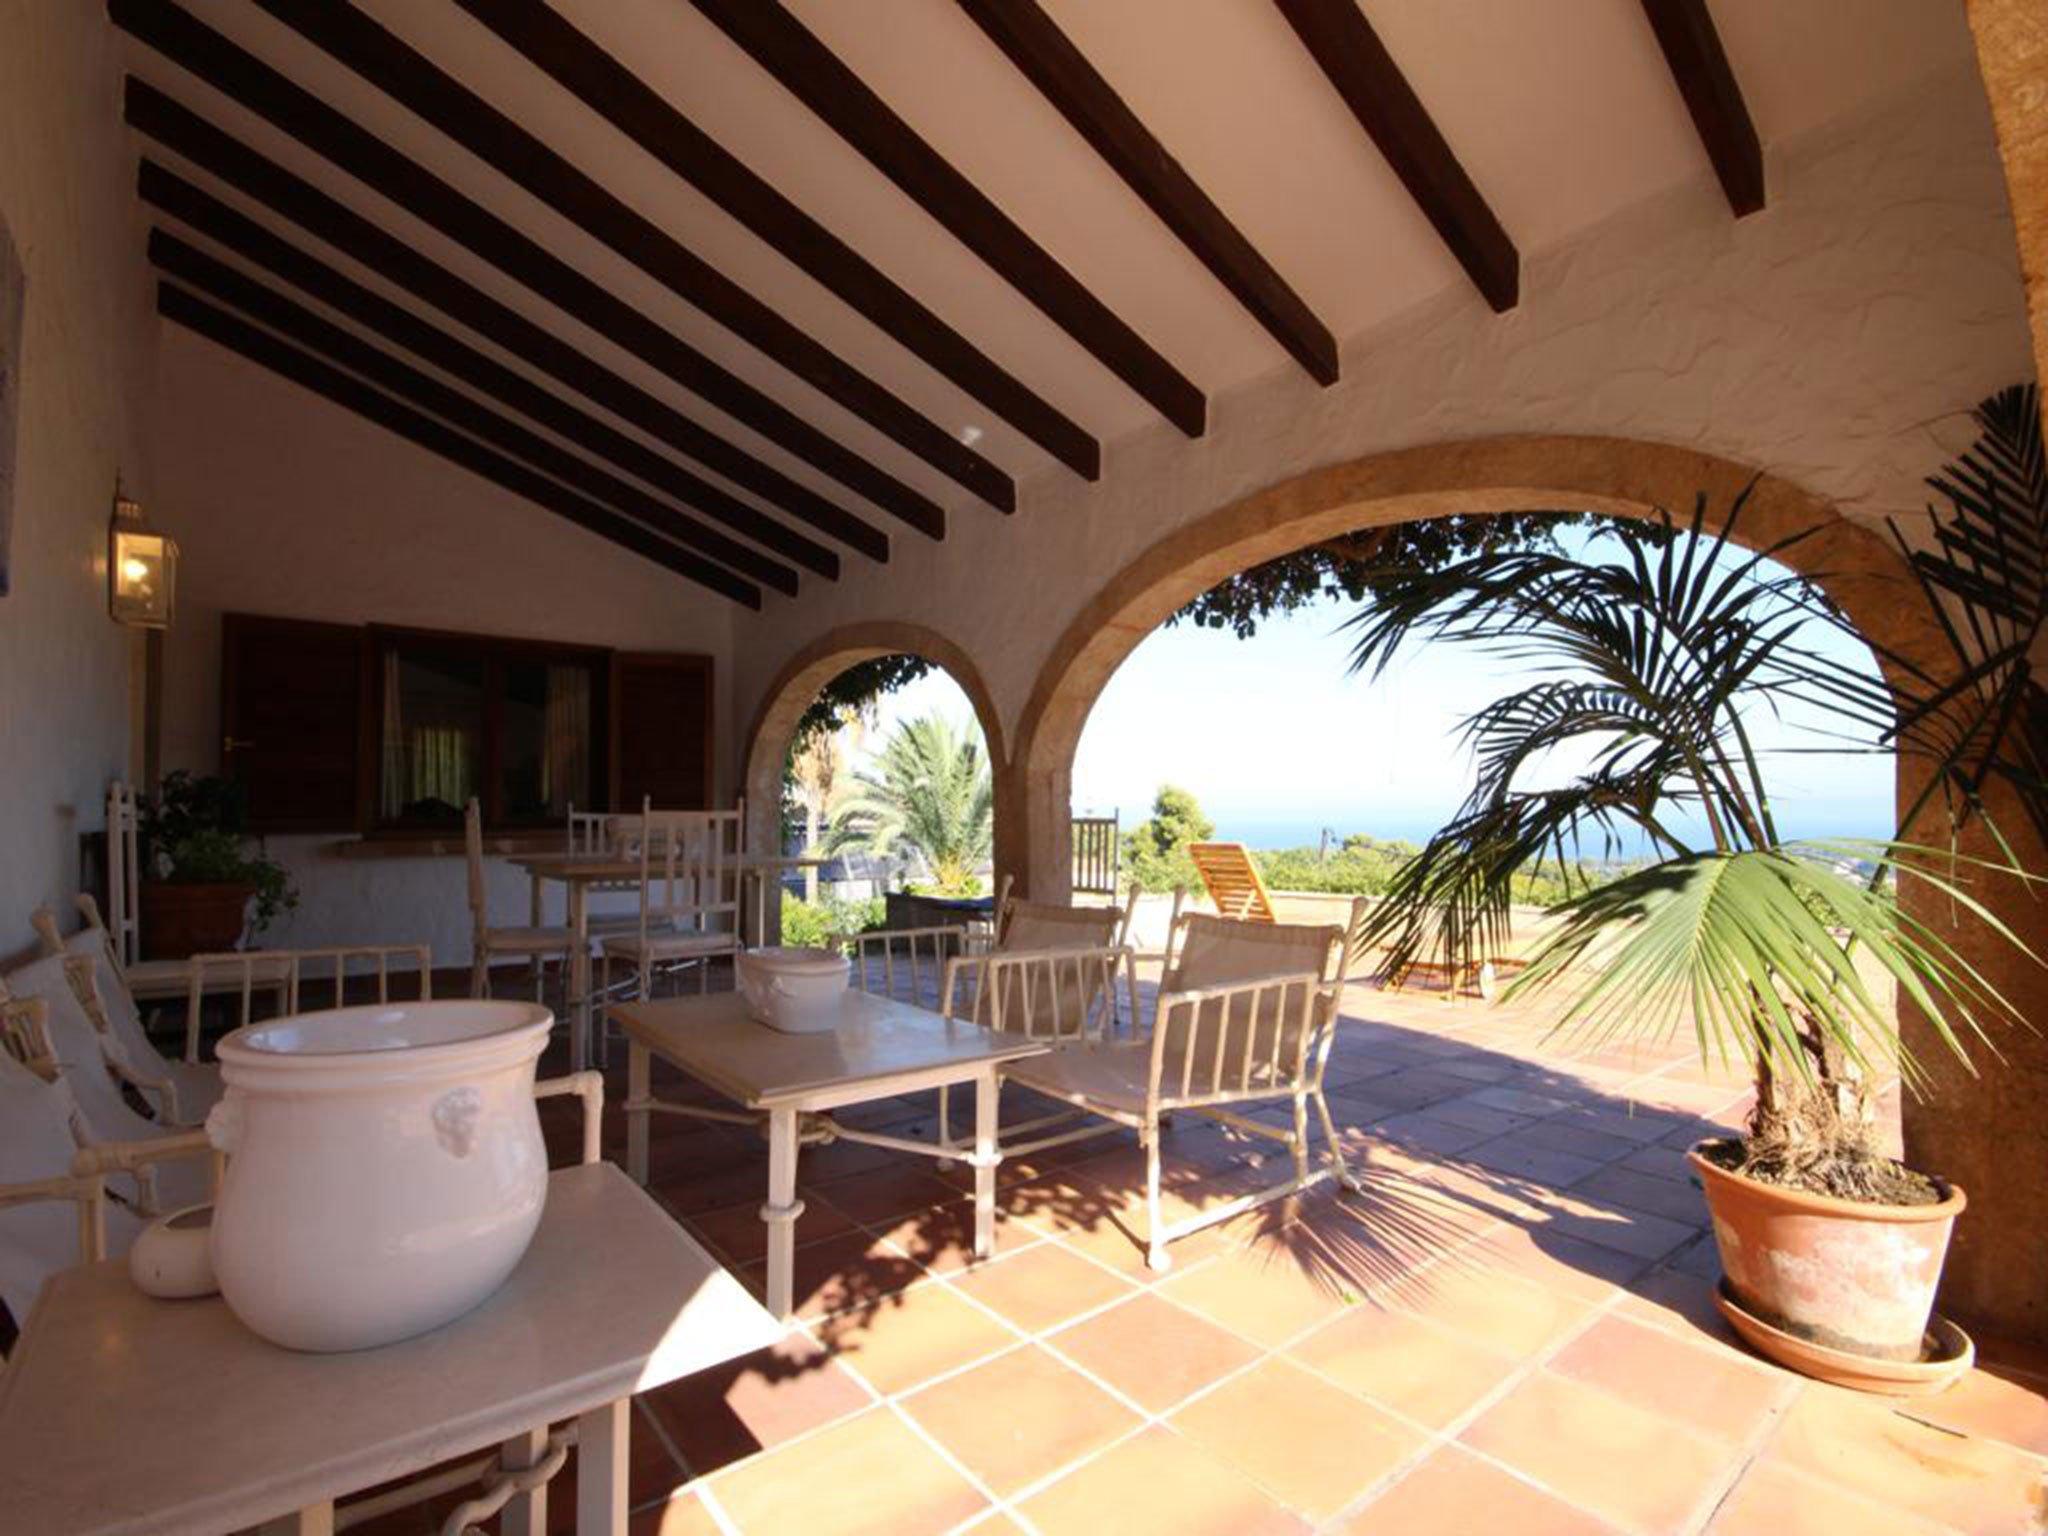 Terraza de una villa mediterránea en venta en Jávea con vistas al mar – Atina Inmobiliaria